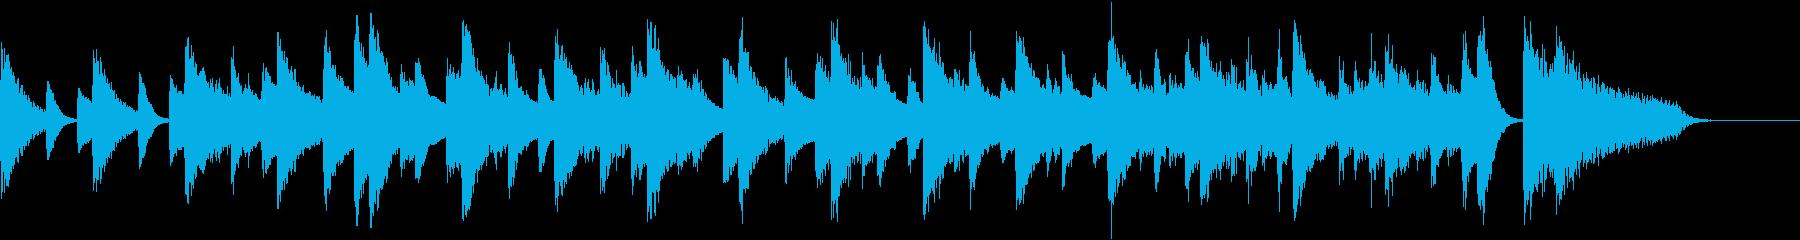 左手メロのアダルティジャズピアノジングルの再生済みの波形